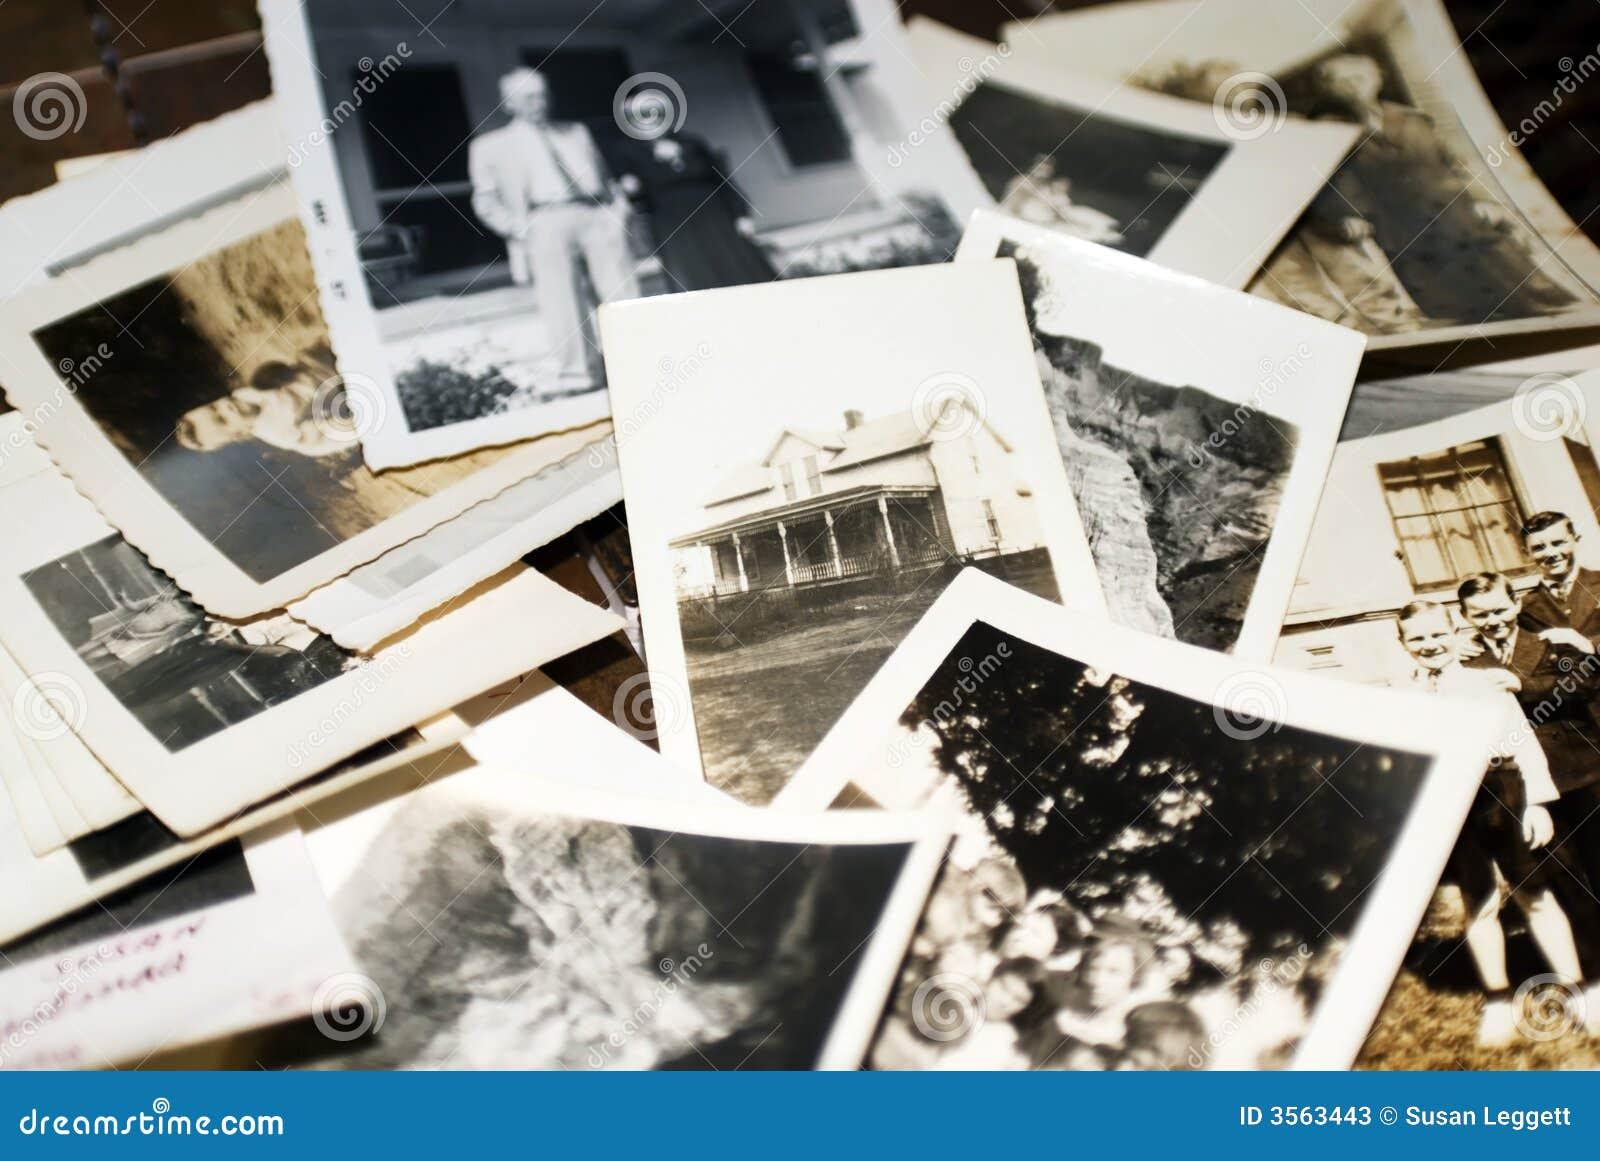 Photos de cru